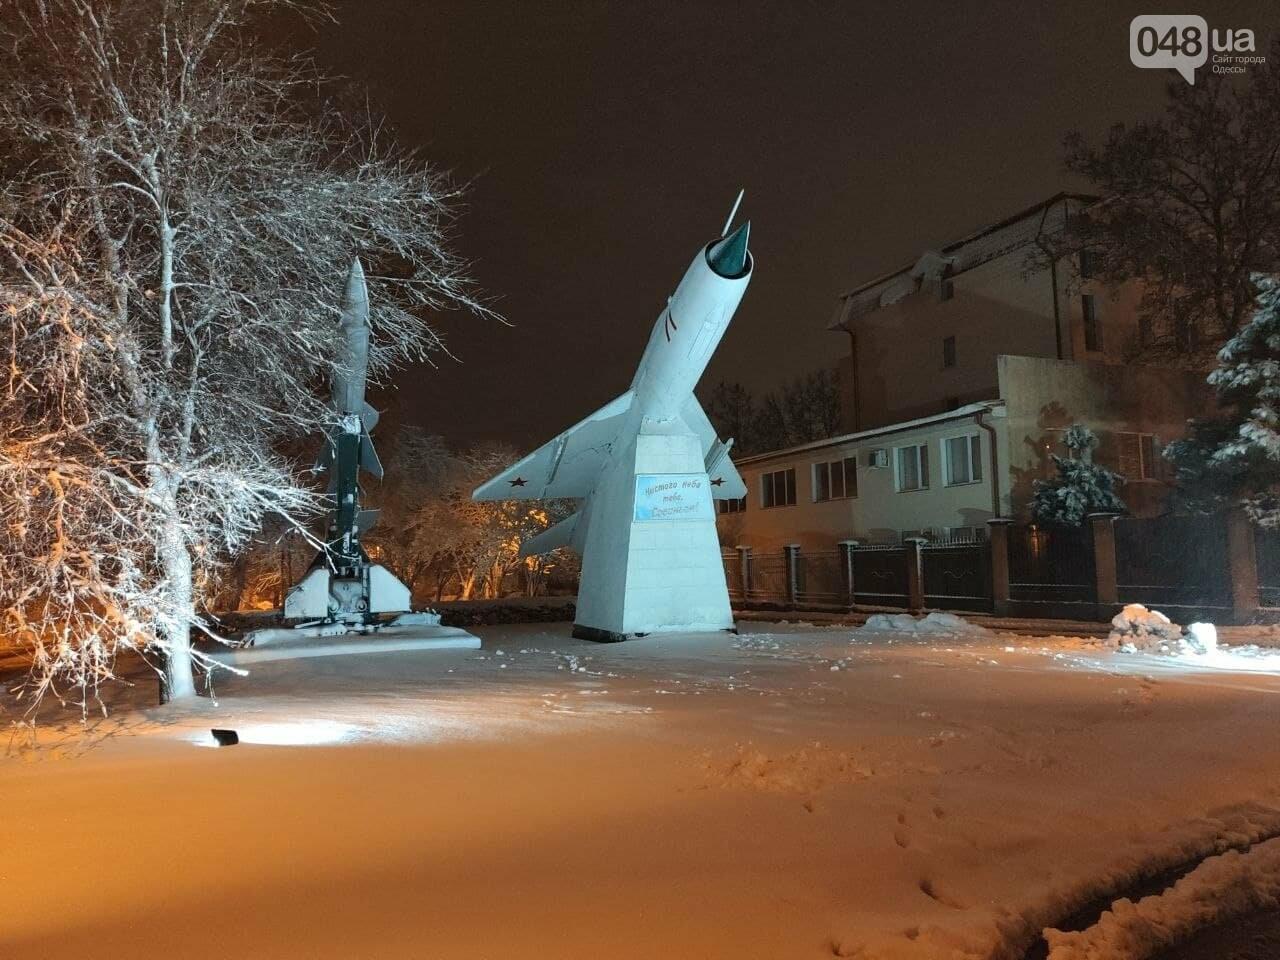 Зимняя сказка на одесской Рублевке: как выглядит Совиньон в снегу, - ФОТОРЕПОРТАЖ, фото-2